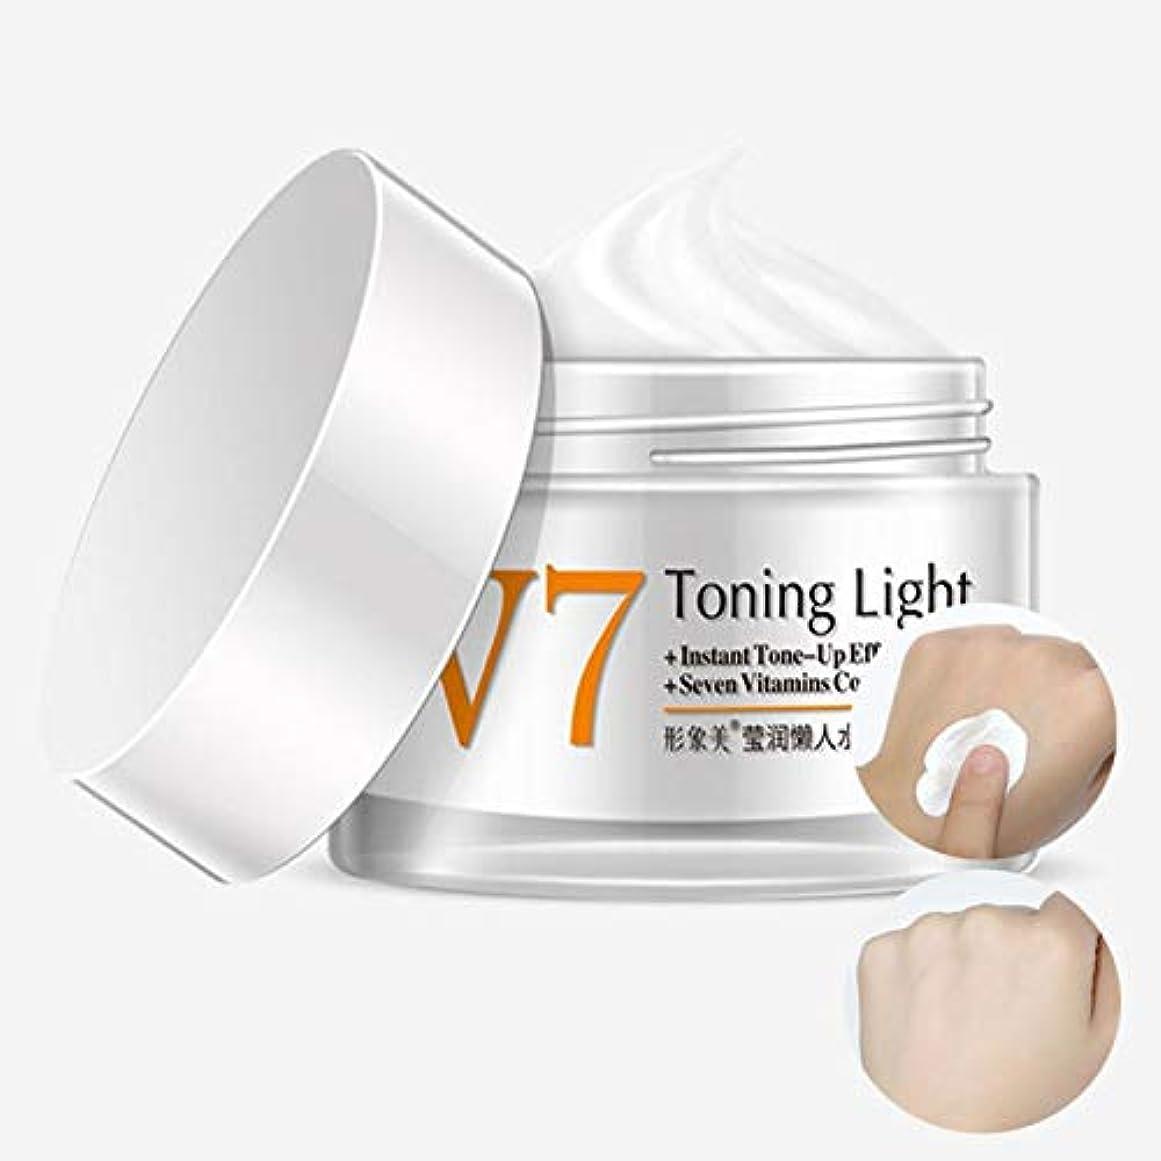 気性中絶アクロバット寧デイクリーム保湿洗顔Clsing保湿栄養フェイシャルケア2017コー化粧品50グラム